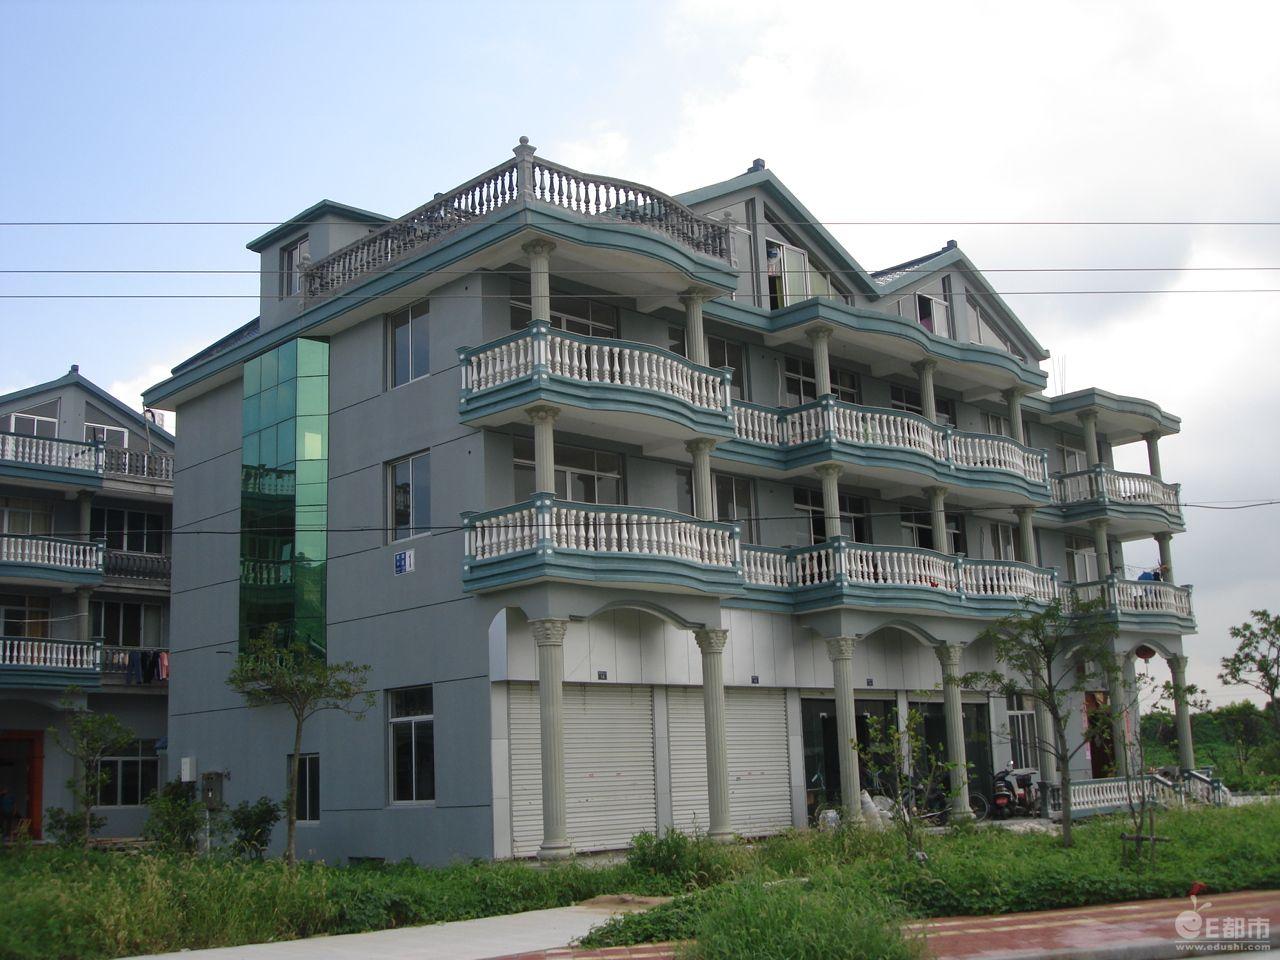 五间二层楼房涂什么颜色_层别墅设计图纸带效果图 新农村房屋设计图 农村房屋外观设